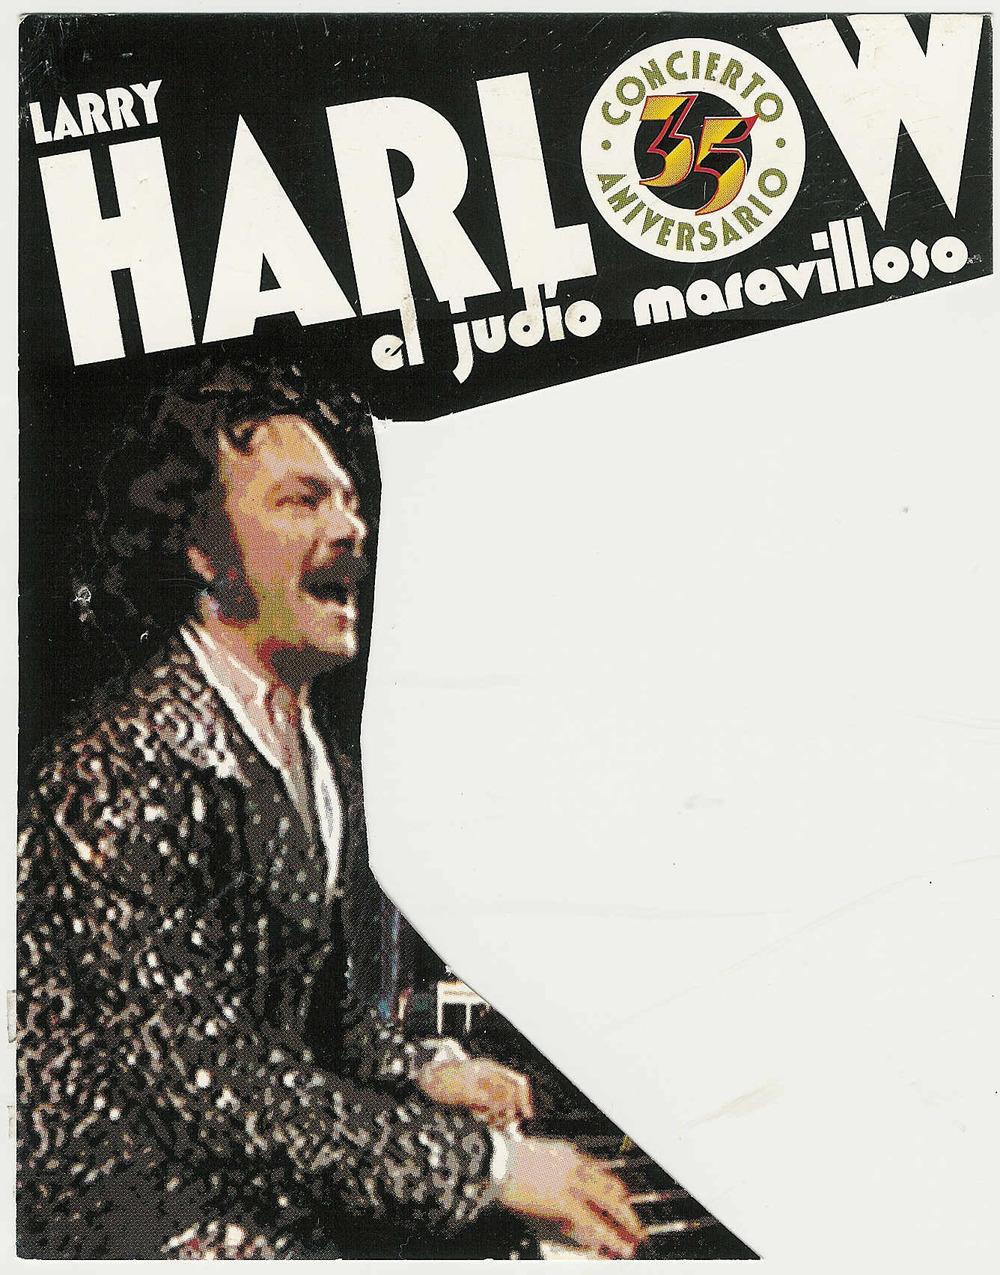 35th Anniv Concert poster.jpg